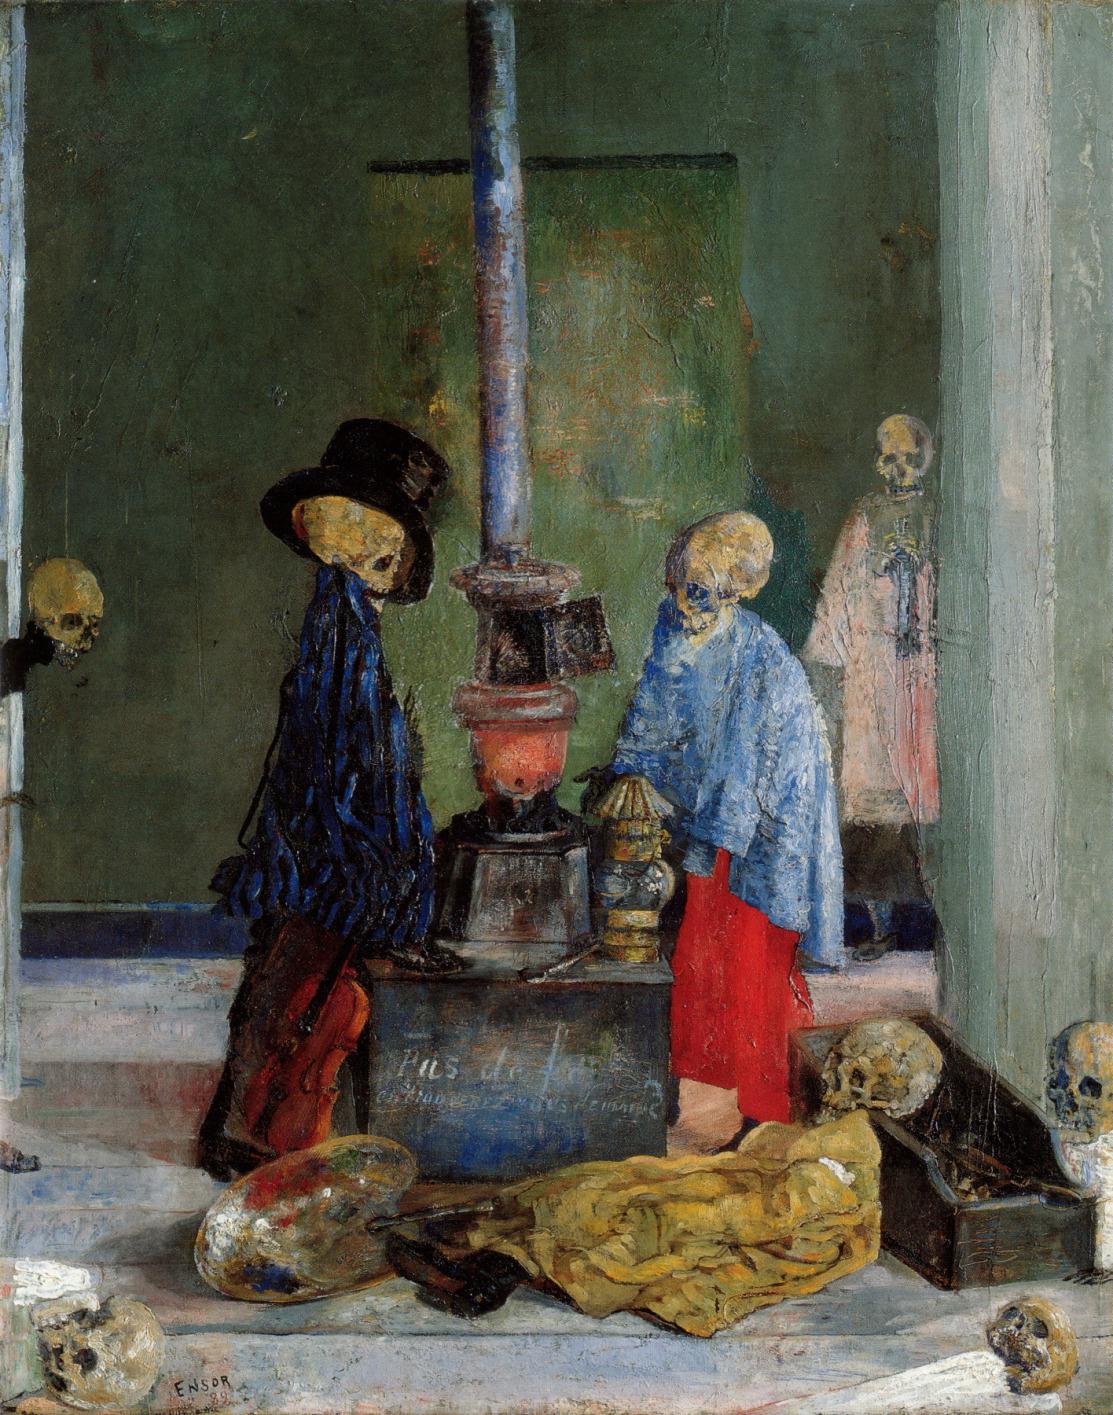 Живопись_James-Ensor_Skeletons-Trying-to-Warm-Themselves.-1889.jpg